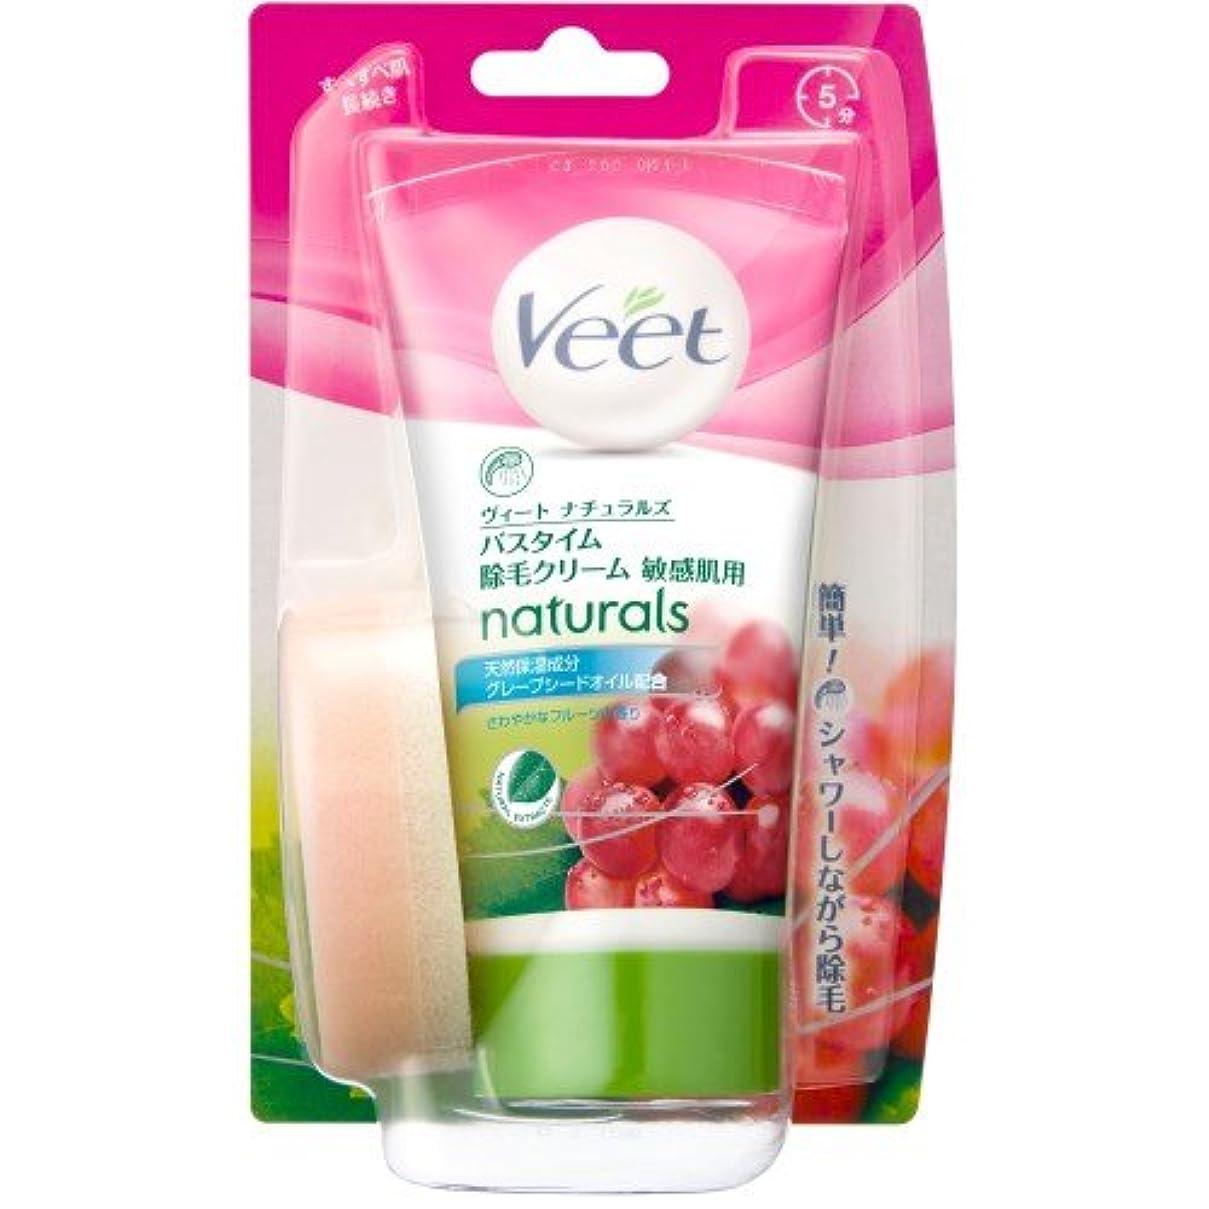 冗談で損失美的ヴィート バスタイムセン用 除毛クリーム 敏感肌用 150g (Veet Naturals In Shower Hair Removal Cream  Sensitive 150g)